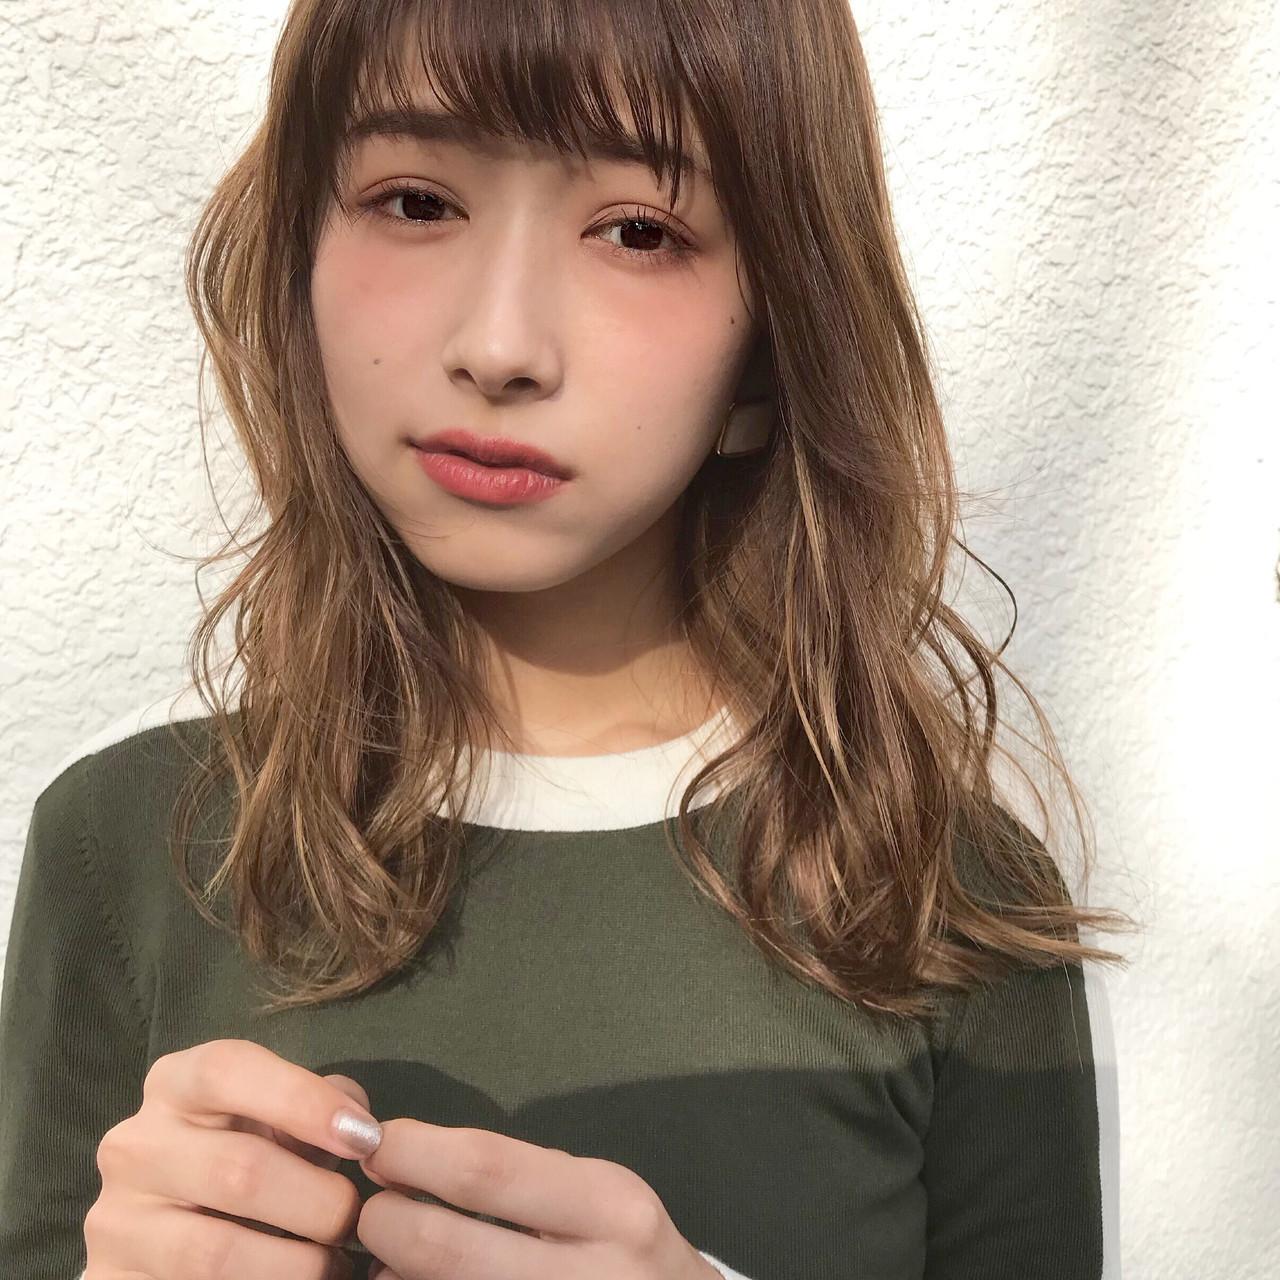 王道の愛されヘア!ゆる巻きミディ 伊藤愛子 GARDEN